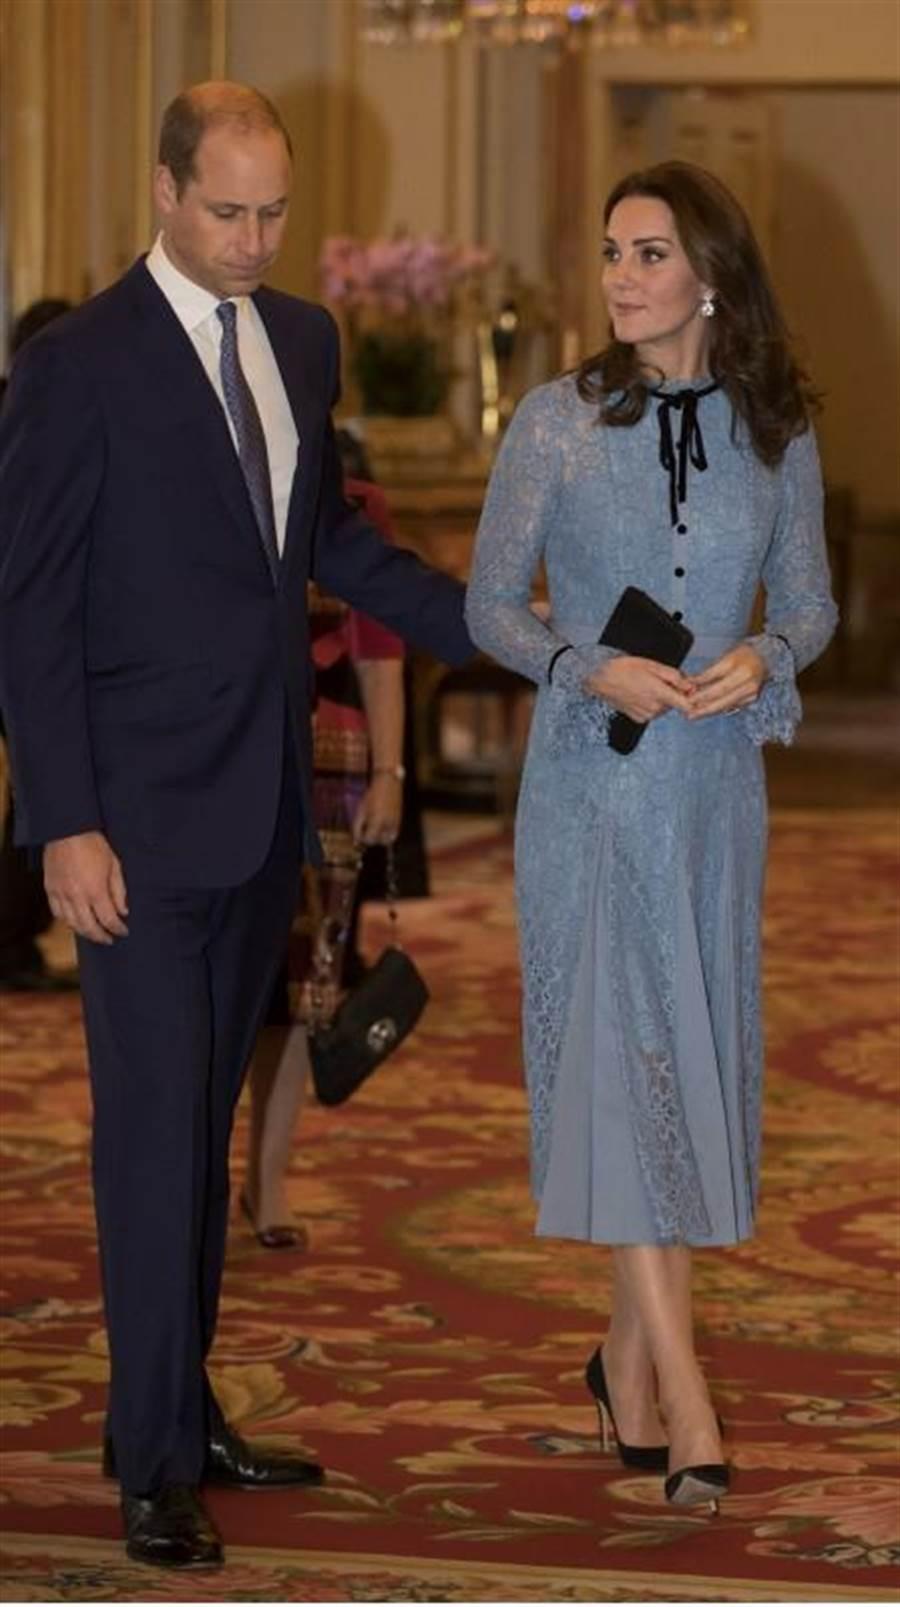 英國凱特王妃在上月公開懷孕喜訊後,10日首度公開露面,她一身粉藍洋裝,腹部微微隆起,看起來氣色絕佳。(美聯社)